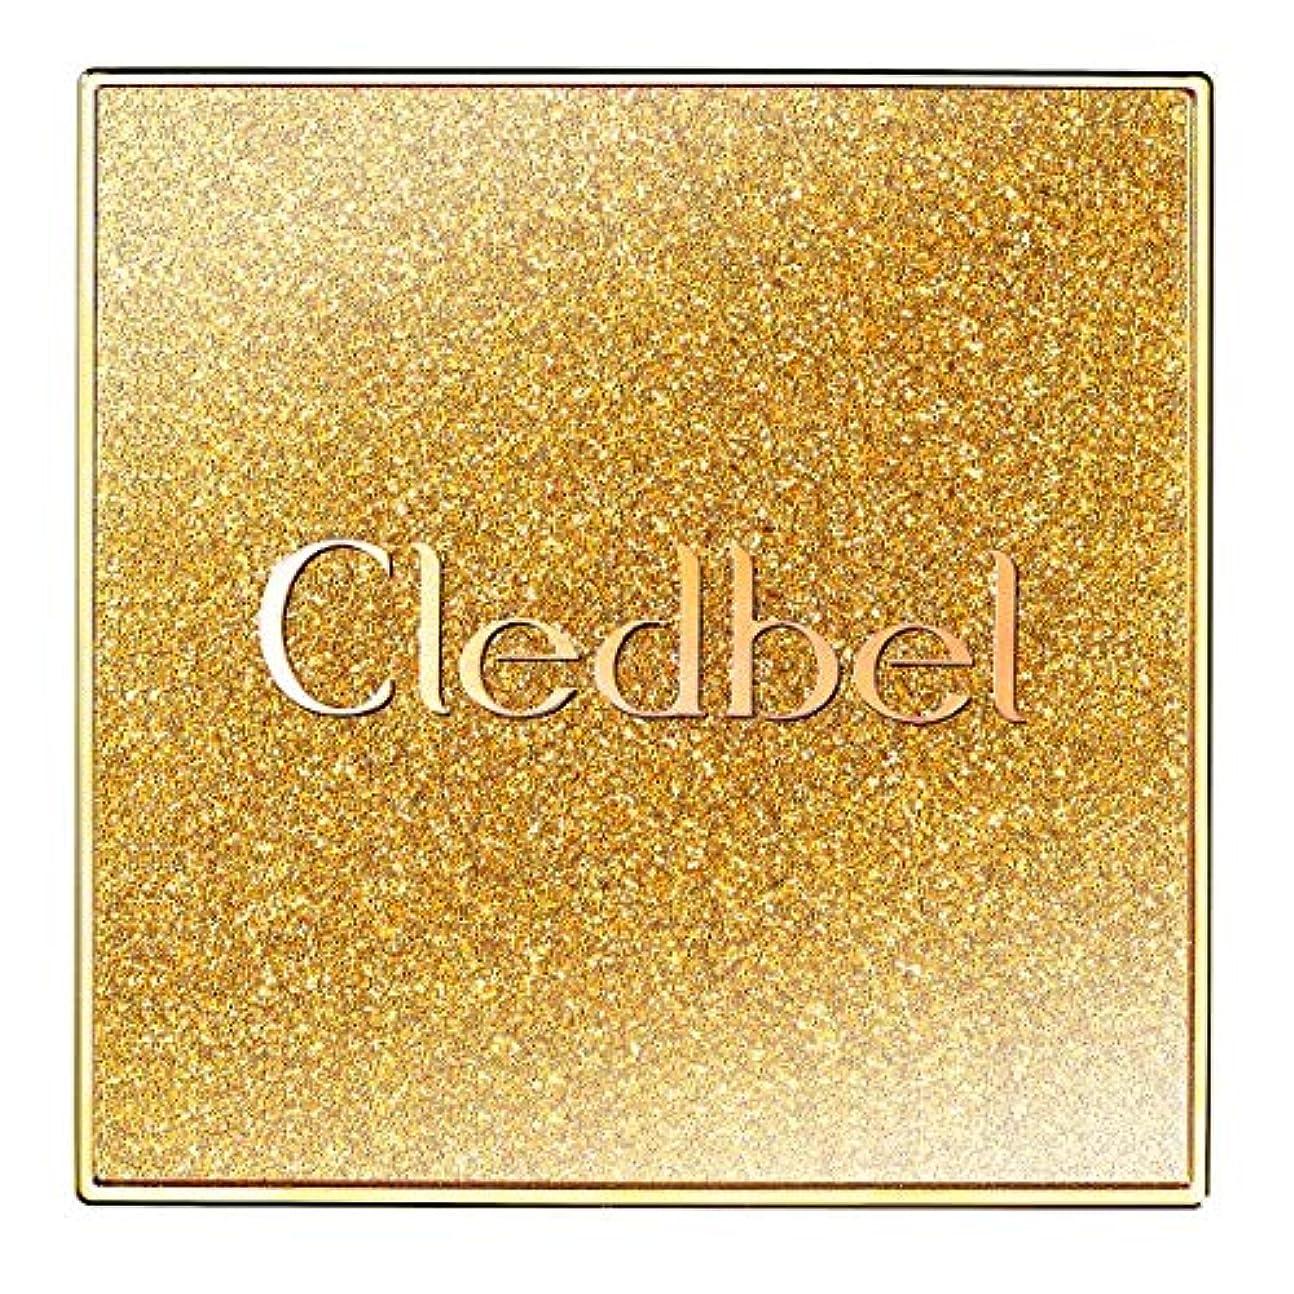 写真を描く飢えた架空の[Cledbel] Miracle Power Lift V Cushion SPF50+ PA+++ GOLD EDITION/クレッドベルミラクルリフトV クッション [並行輸入品]